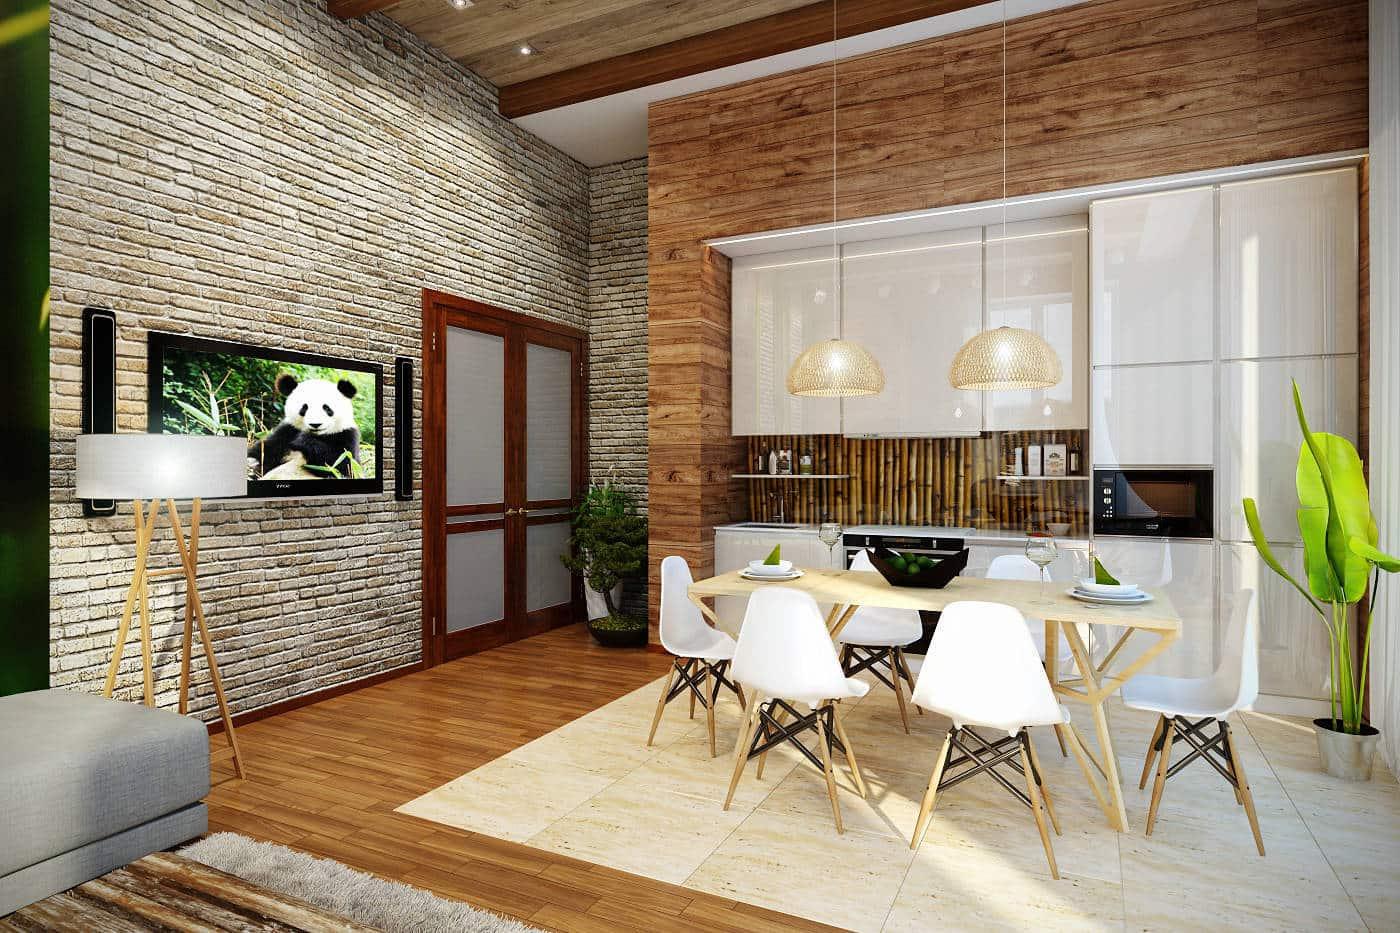 Красивый дизайн двухкомнатной хрущевки с объединенными комнатами в стиле эко